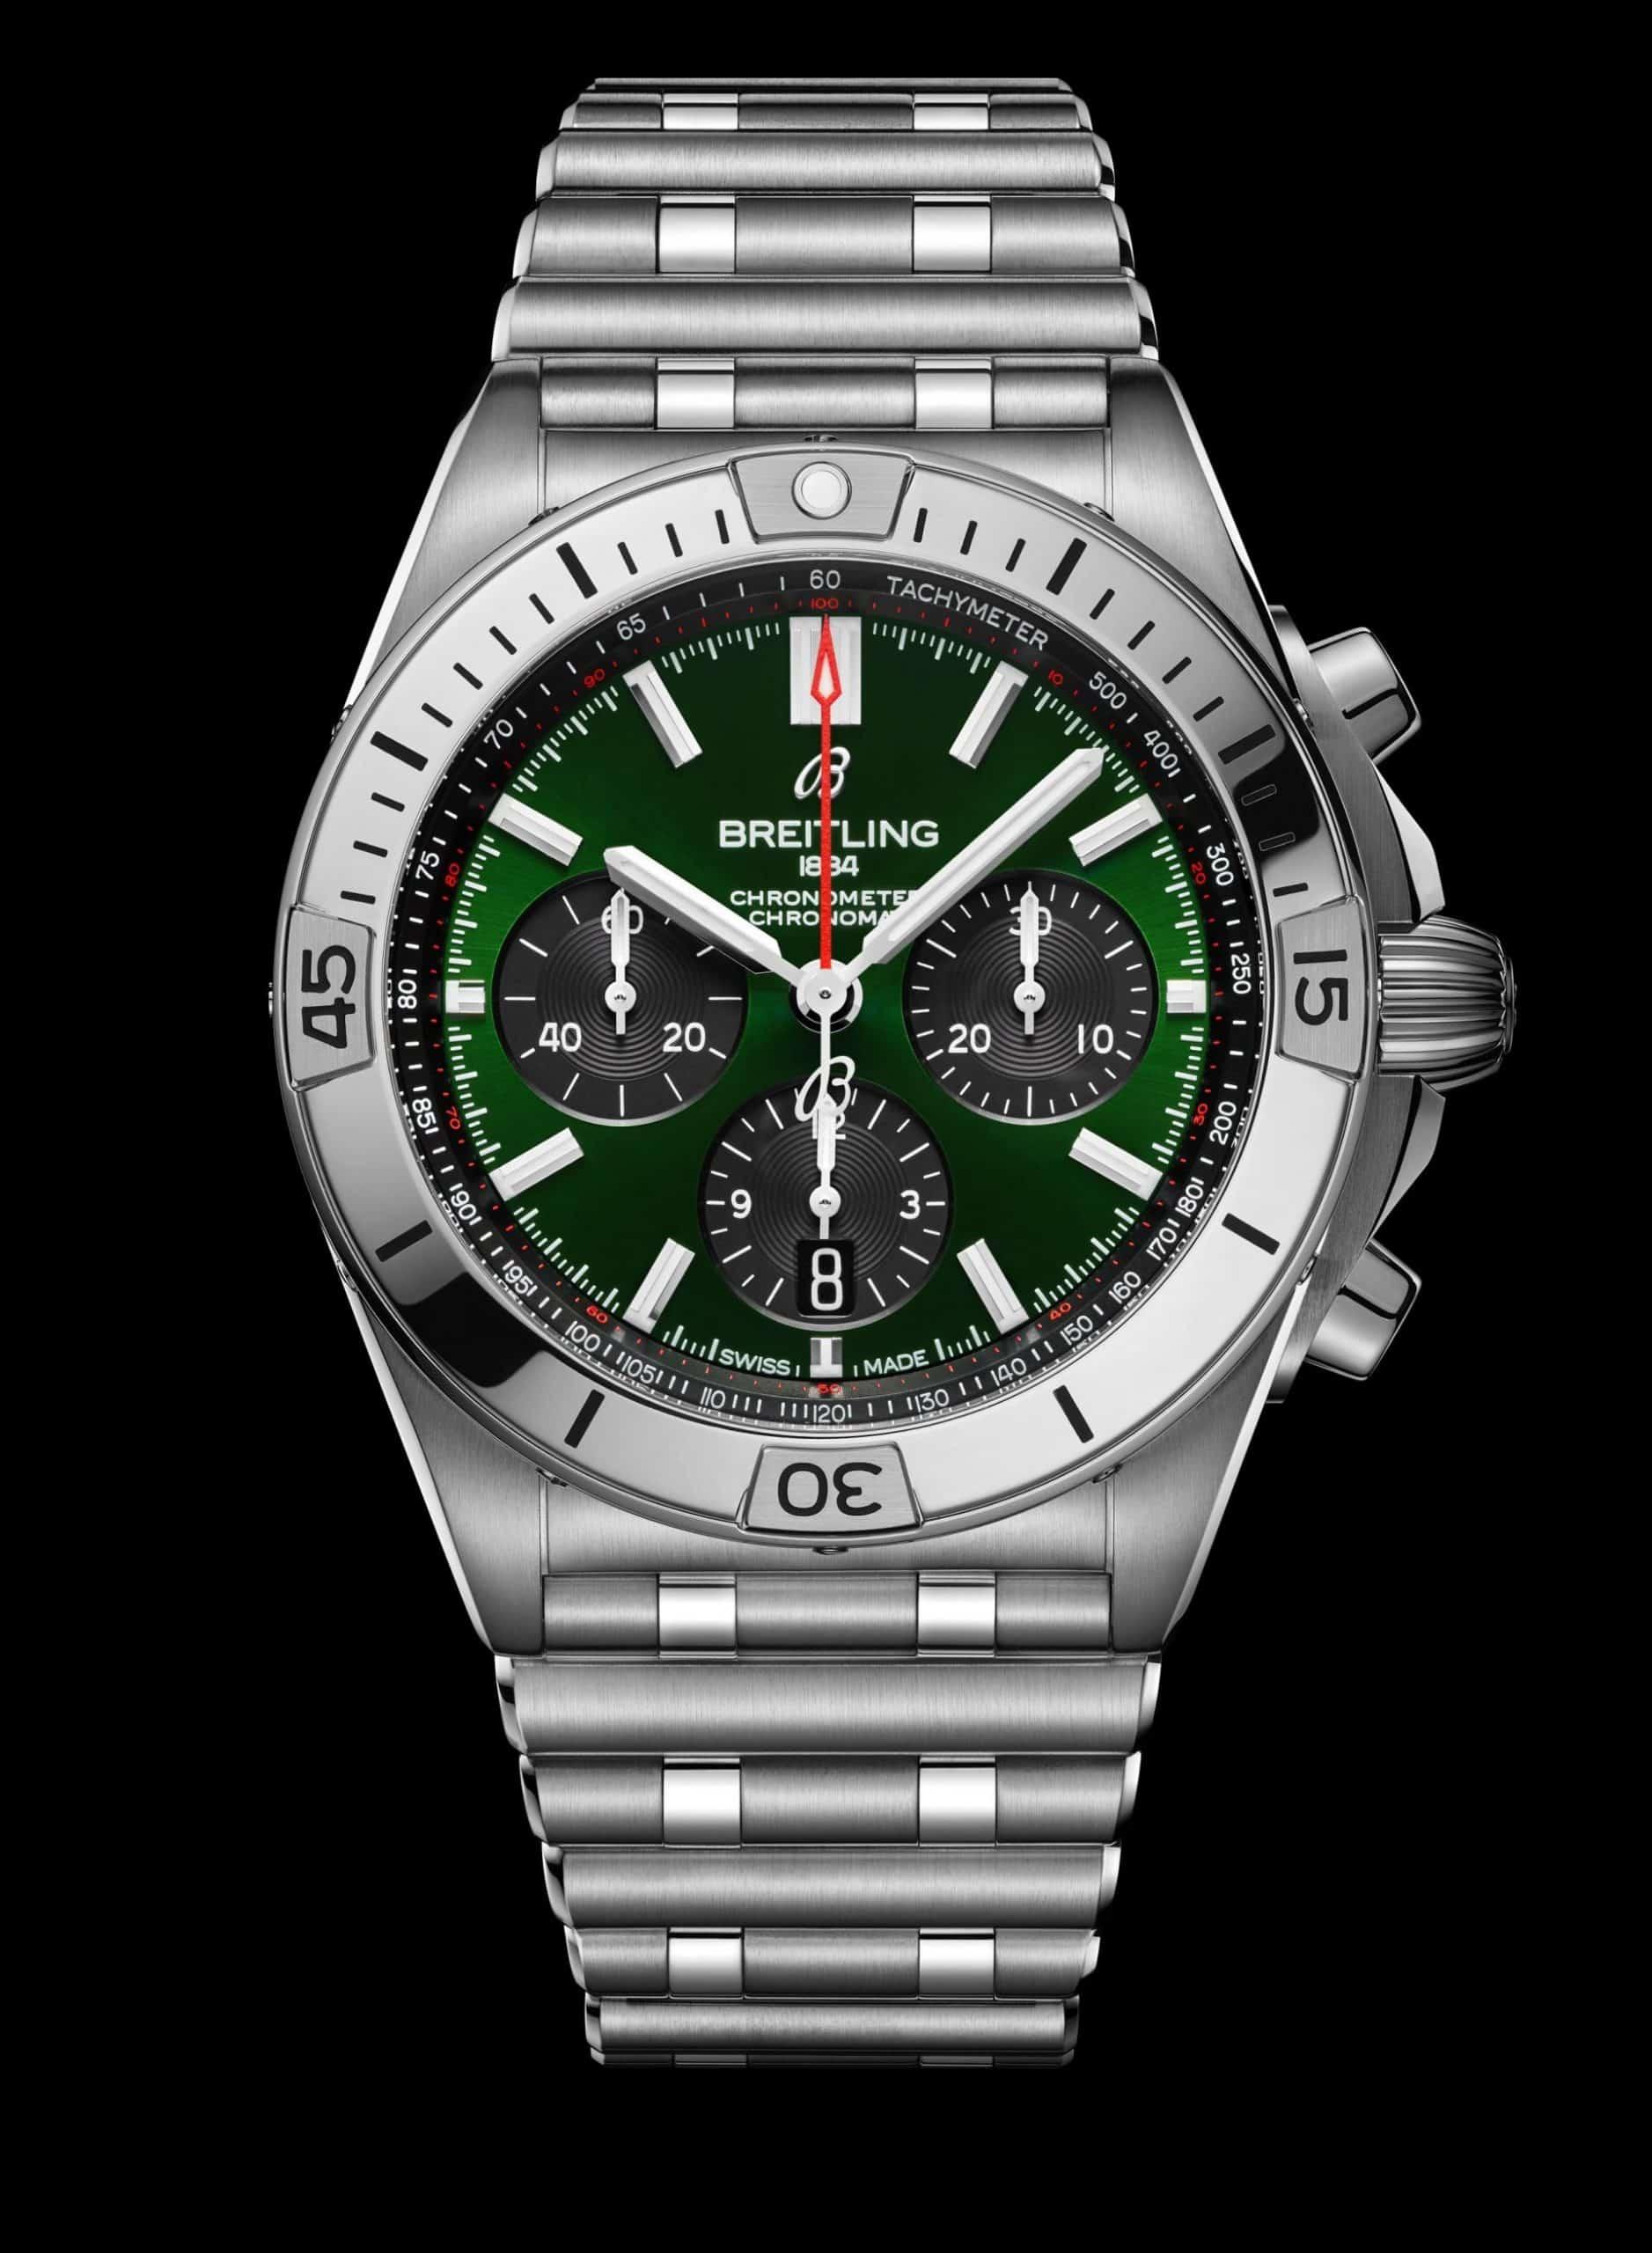 Bentley Freunde aufgepasst - der Breitling Chronomat B01 42 Bentley, Ref. AB01343A1L1A1